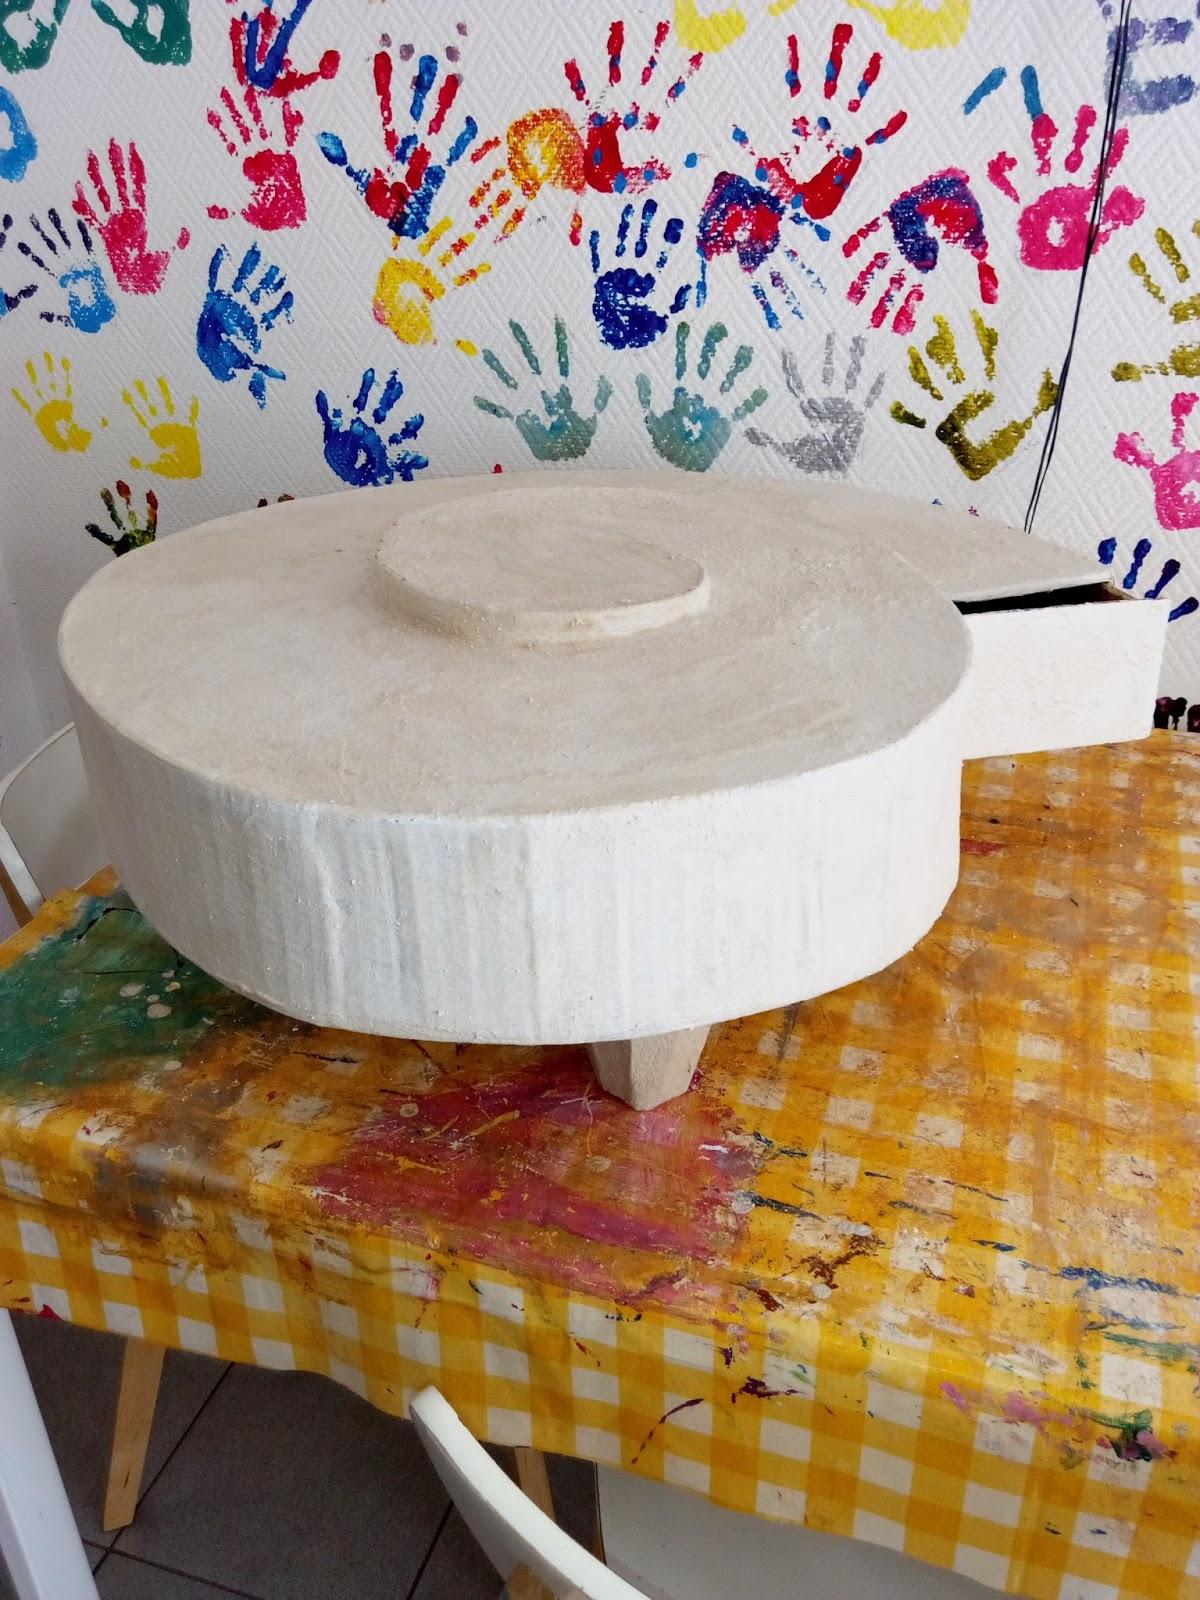 Table En Table En Table CartonL'atelier D'isoré Basse CartonL'atelier Basse D'isoré TlFK1cJ